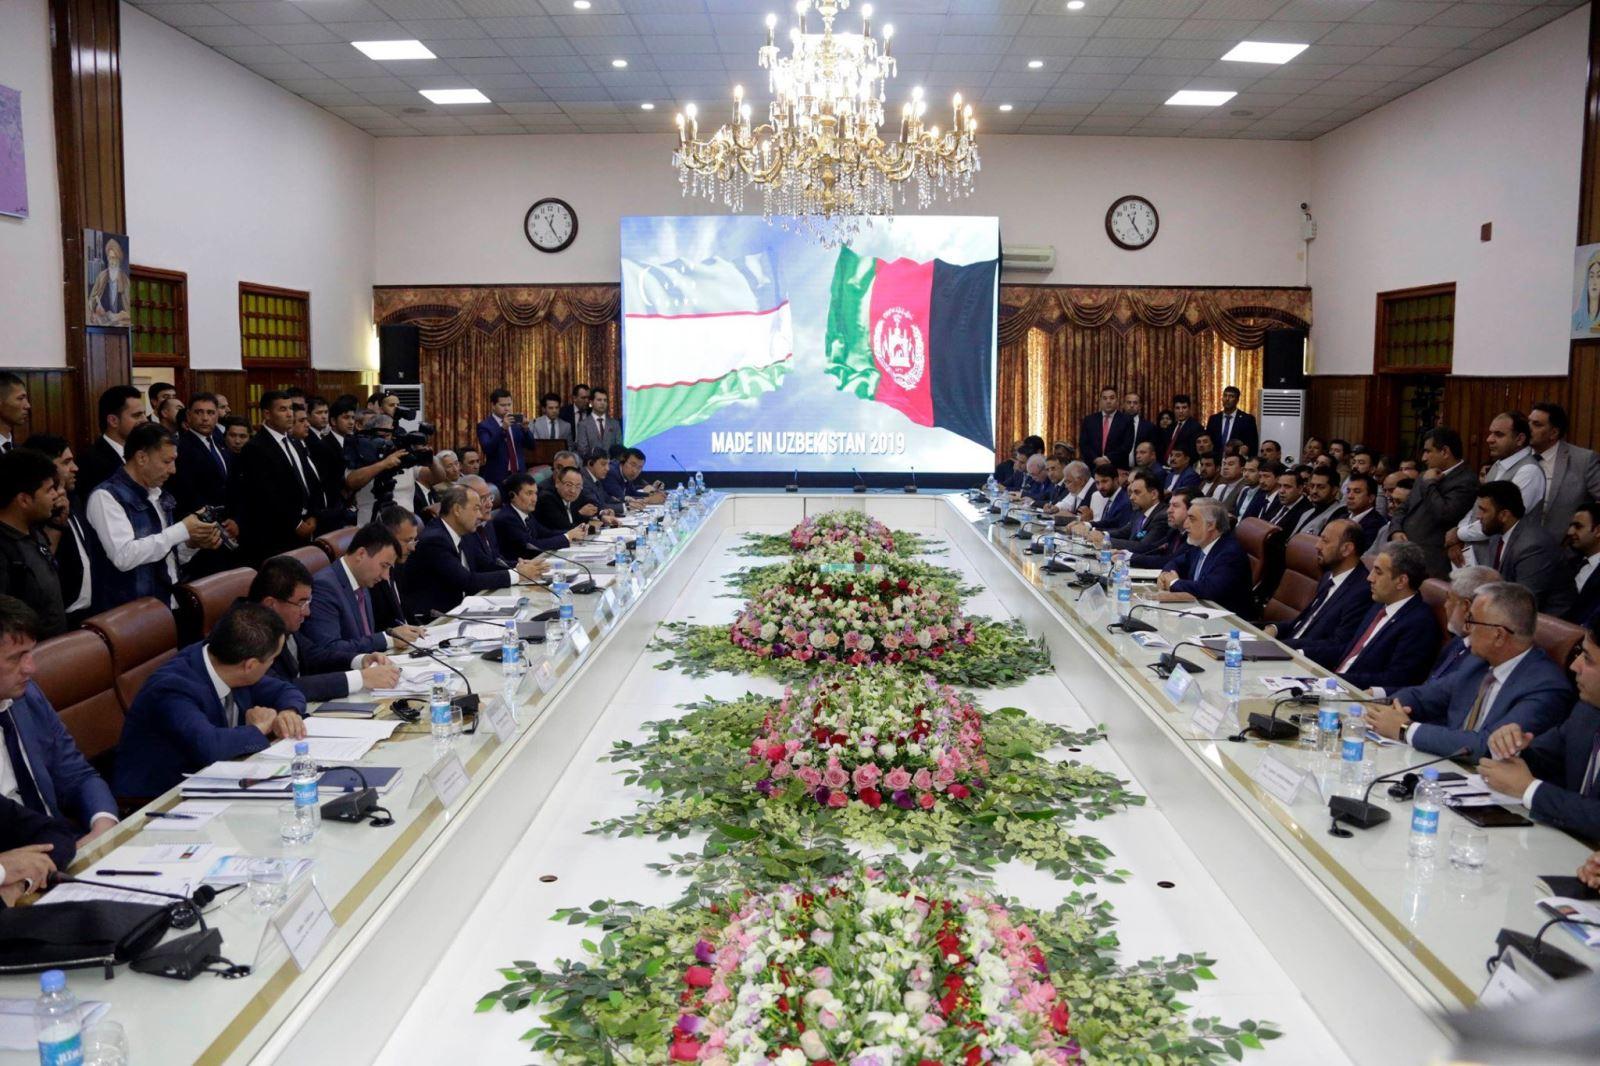 نخستوزیر ازبیکستان در دیدار با رییس اجراییه: ازبیکستان ۴۵ میلیون دالر در انتقال لین برق به افغانستان تخفیف میدهد